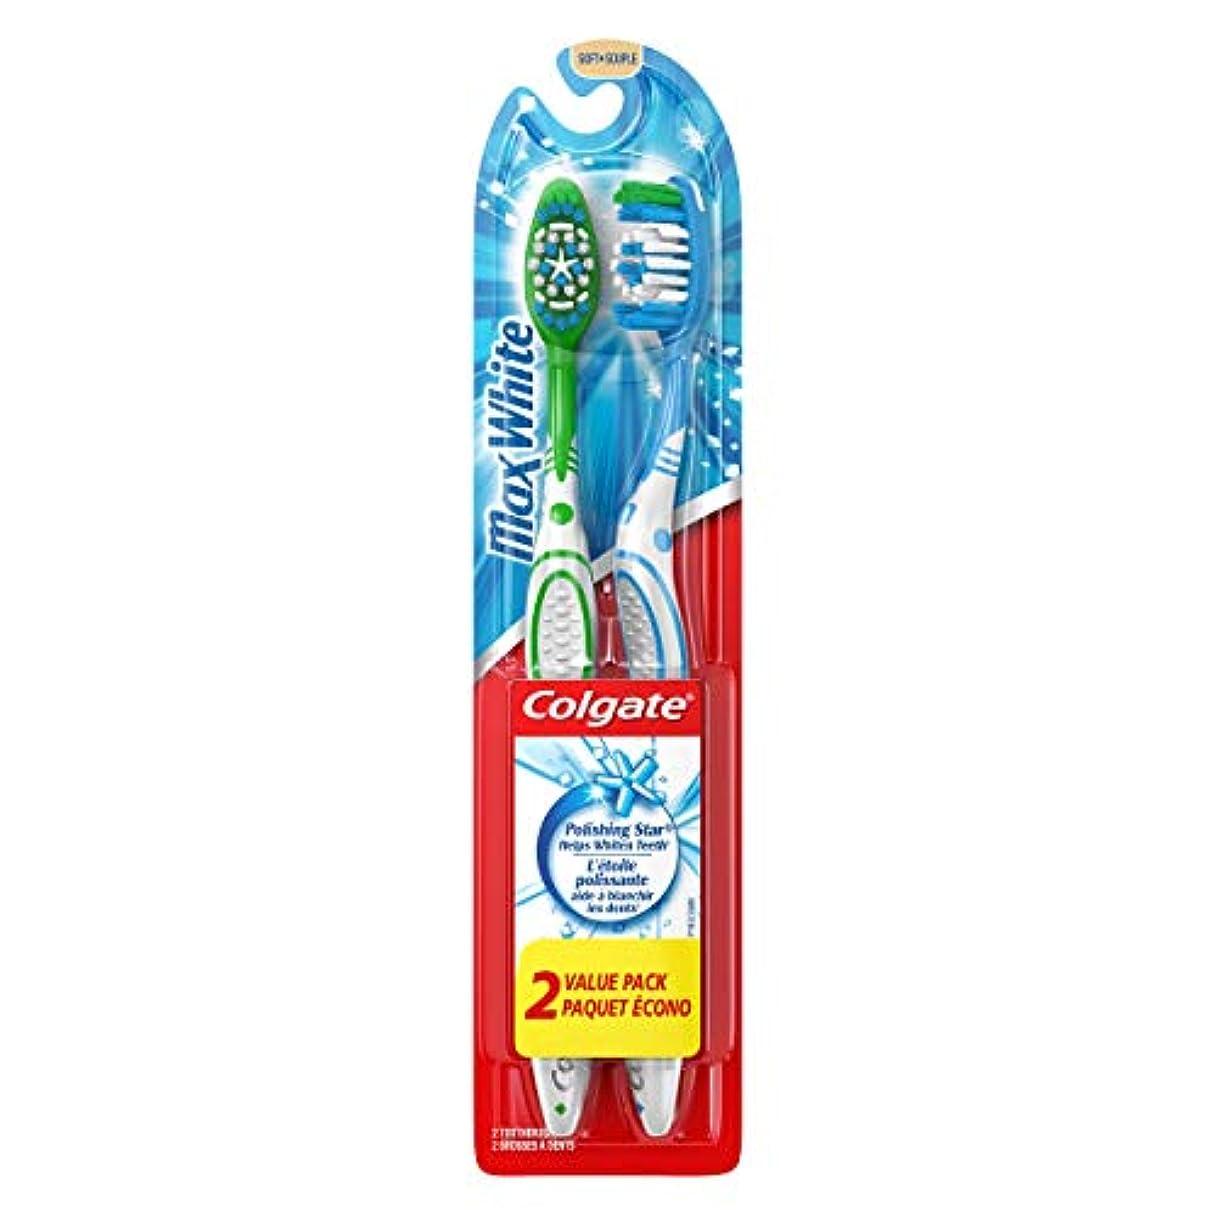 退院永久に告発者Colgate マックスホワイトホワイトニング歯ブラシ、ソフト - 2カウント